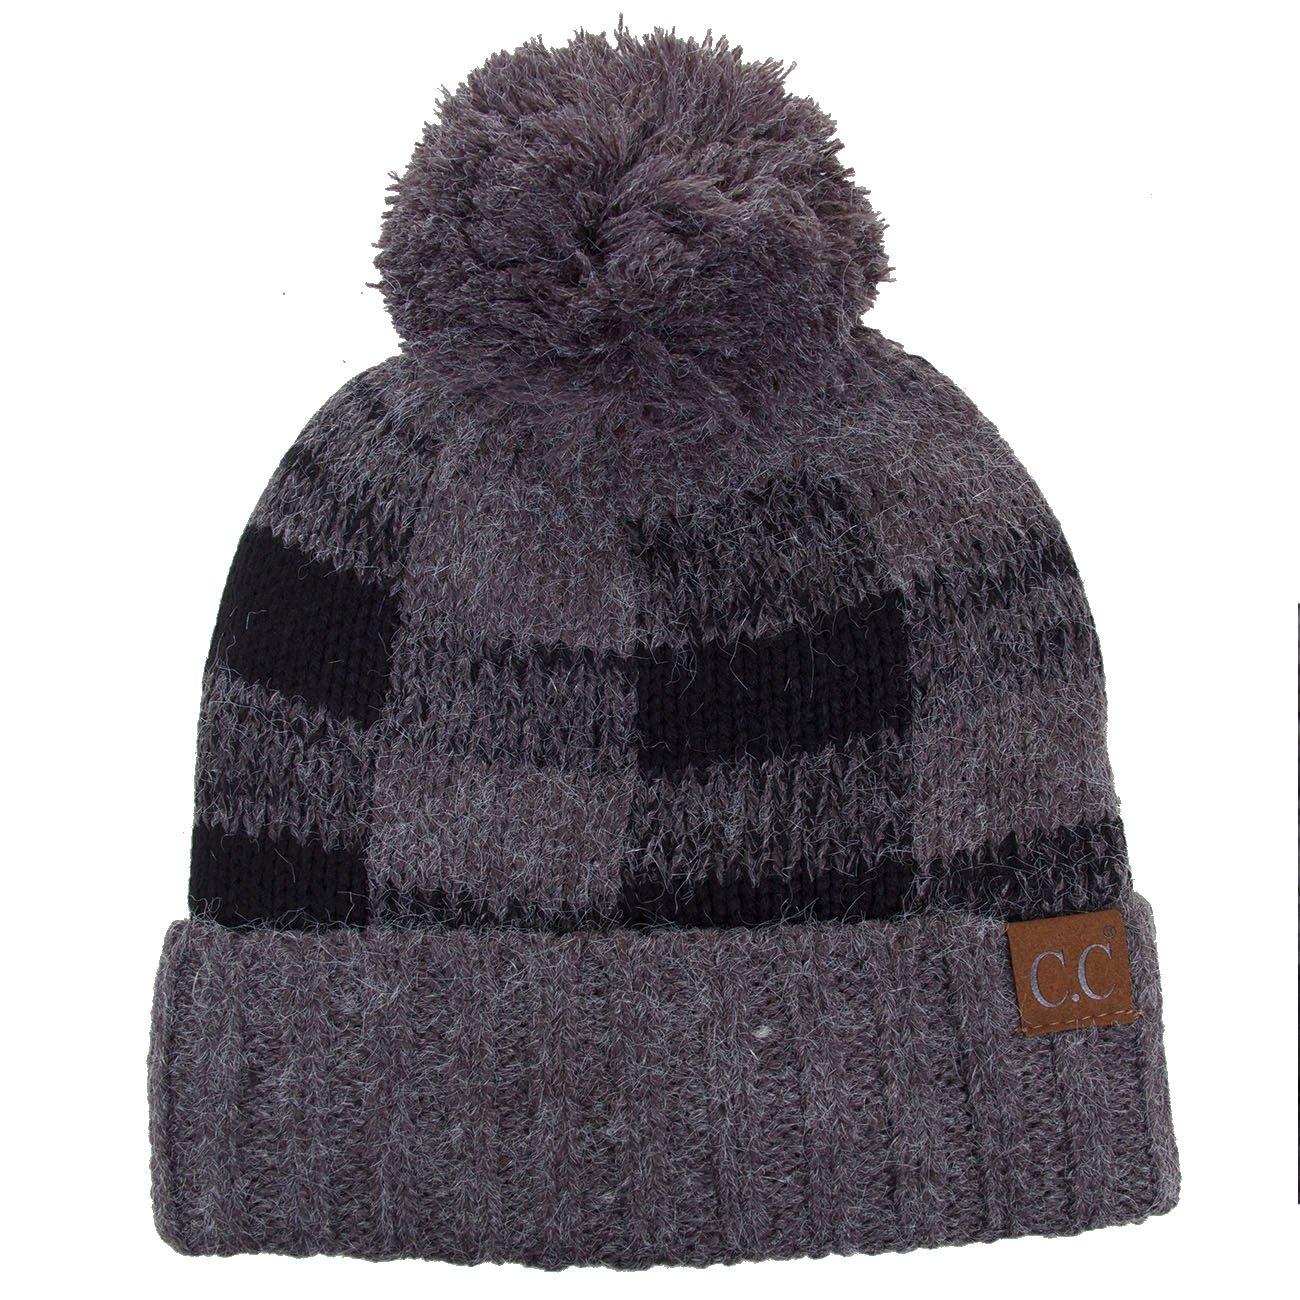 ScarvesMe CC Buffalo Check Pattern Knitted Beanie Hat with Pom Pom (Dark Gray/Black)